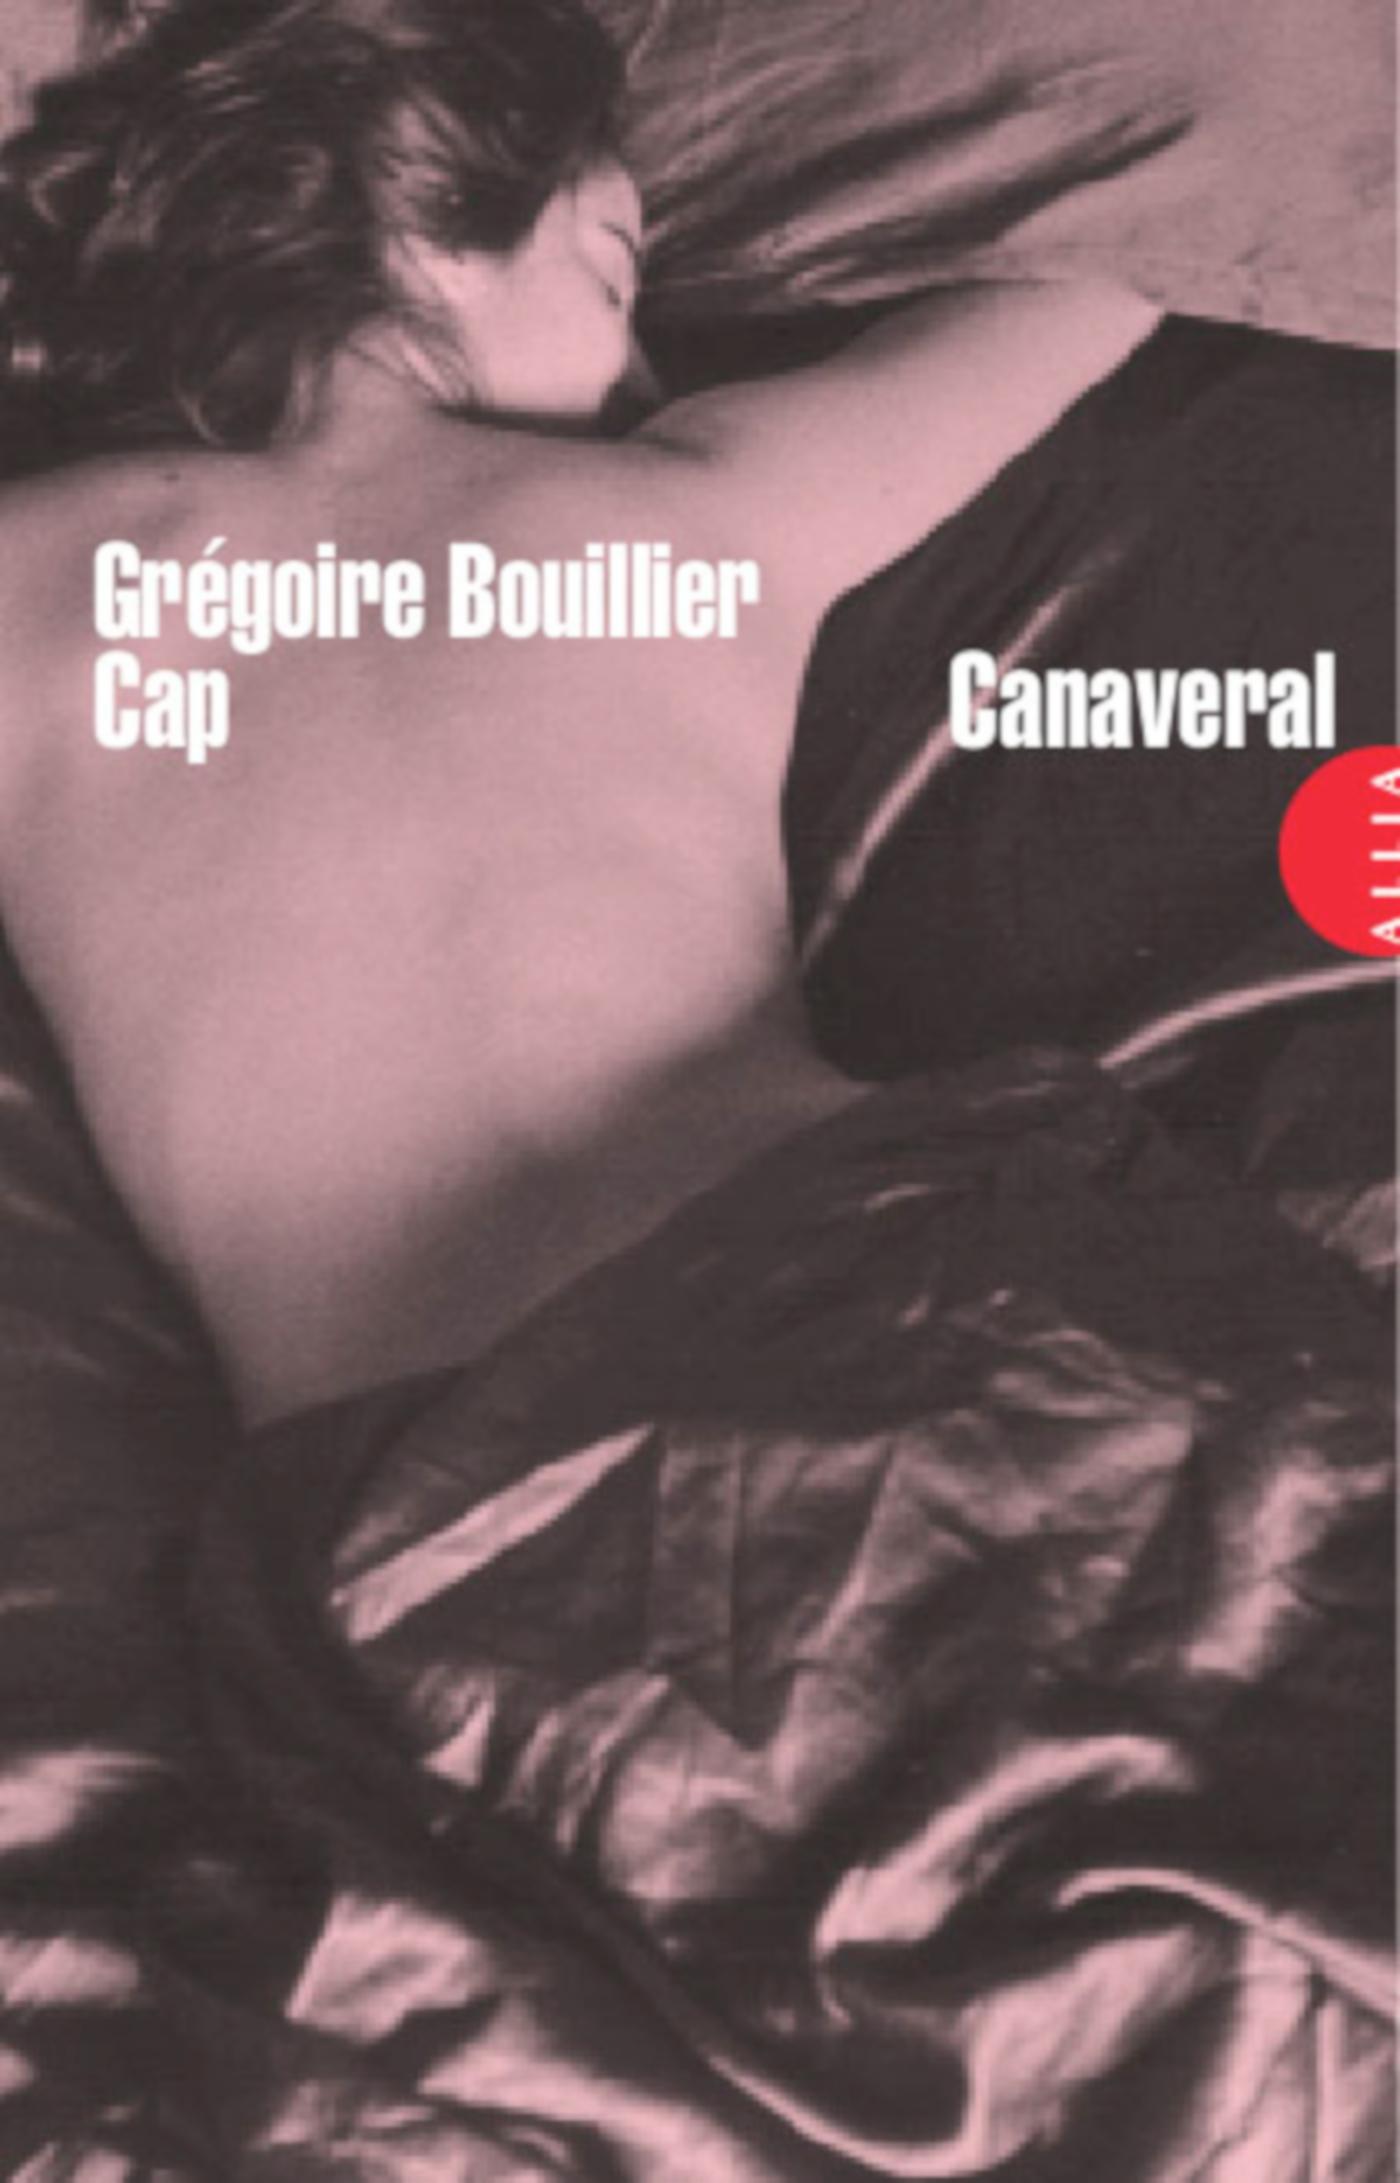 Cap Canaveral | BOUILLIER, Grégoire